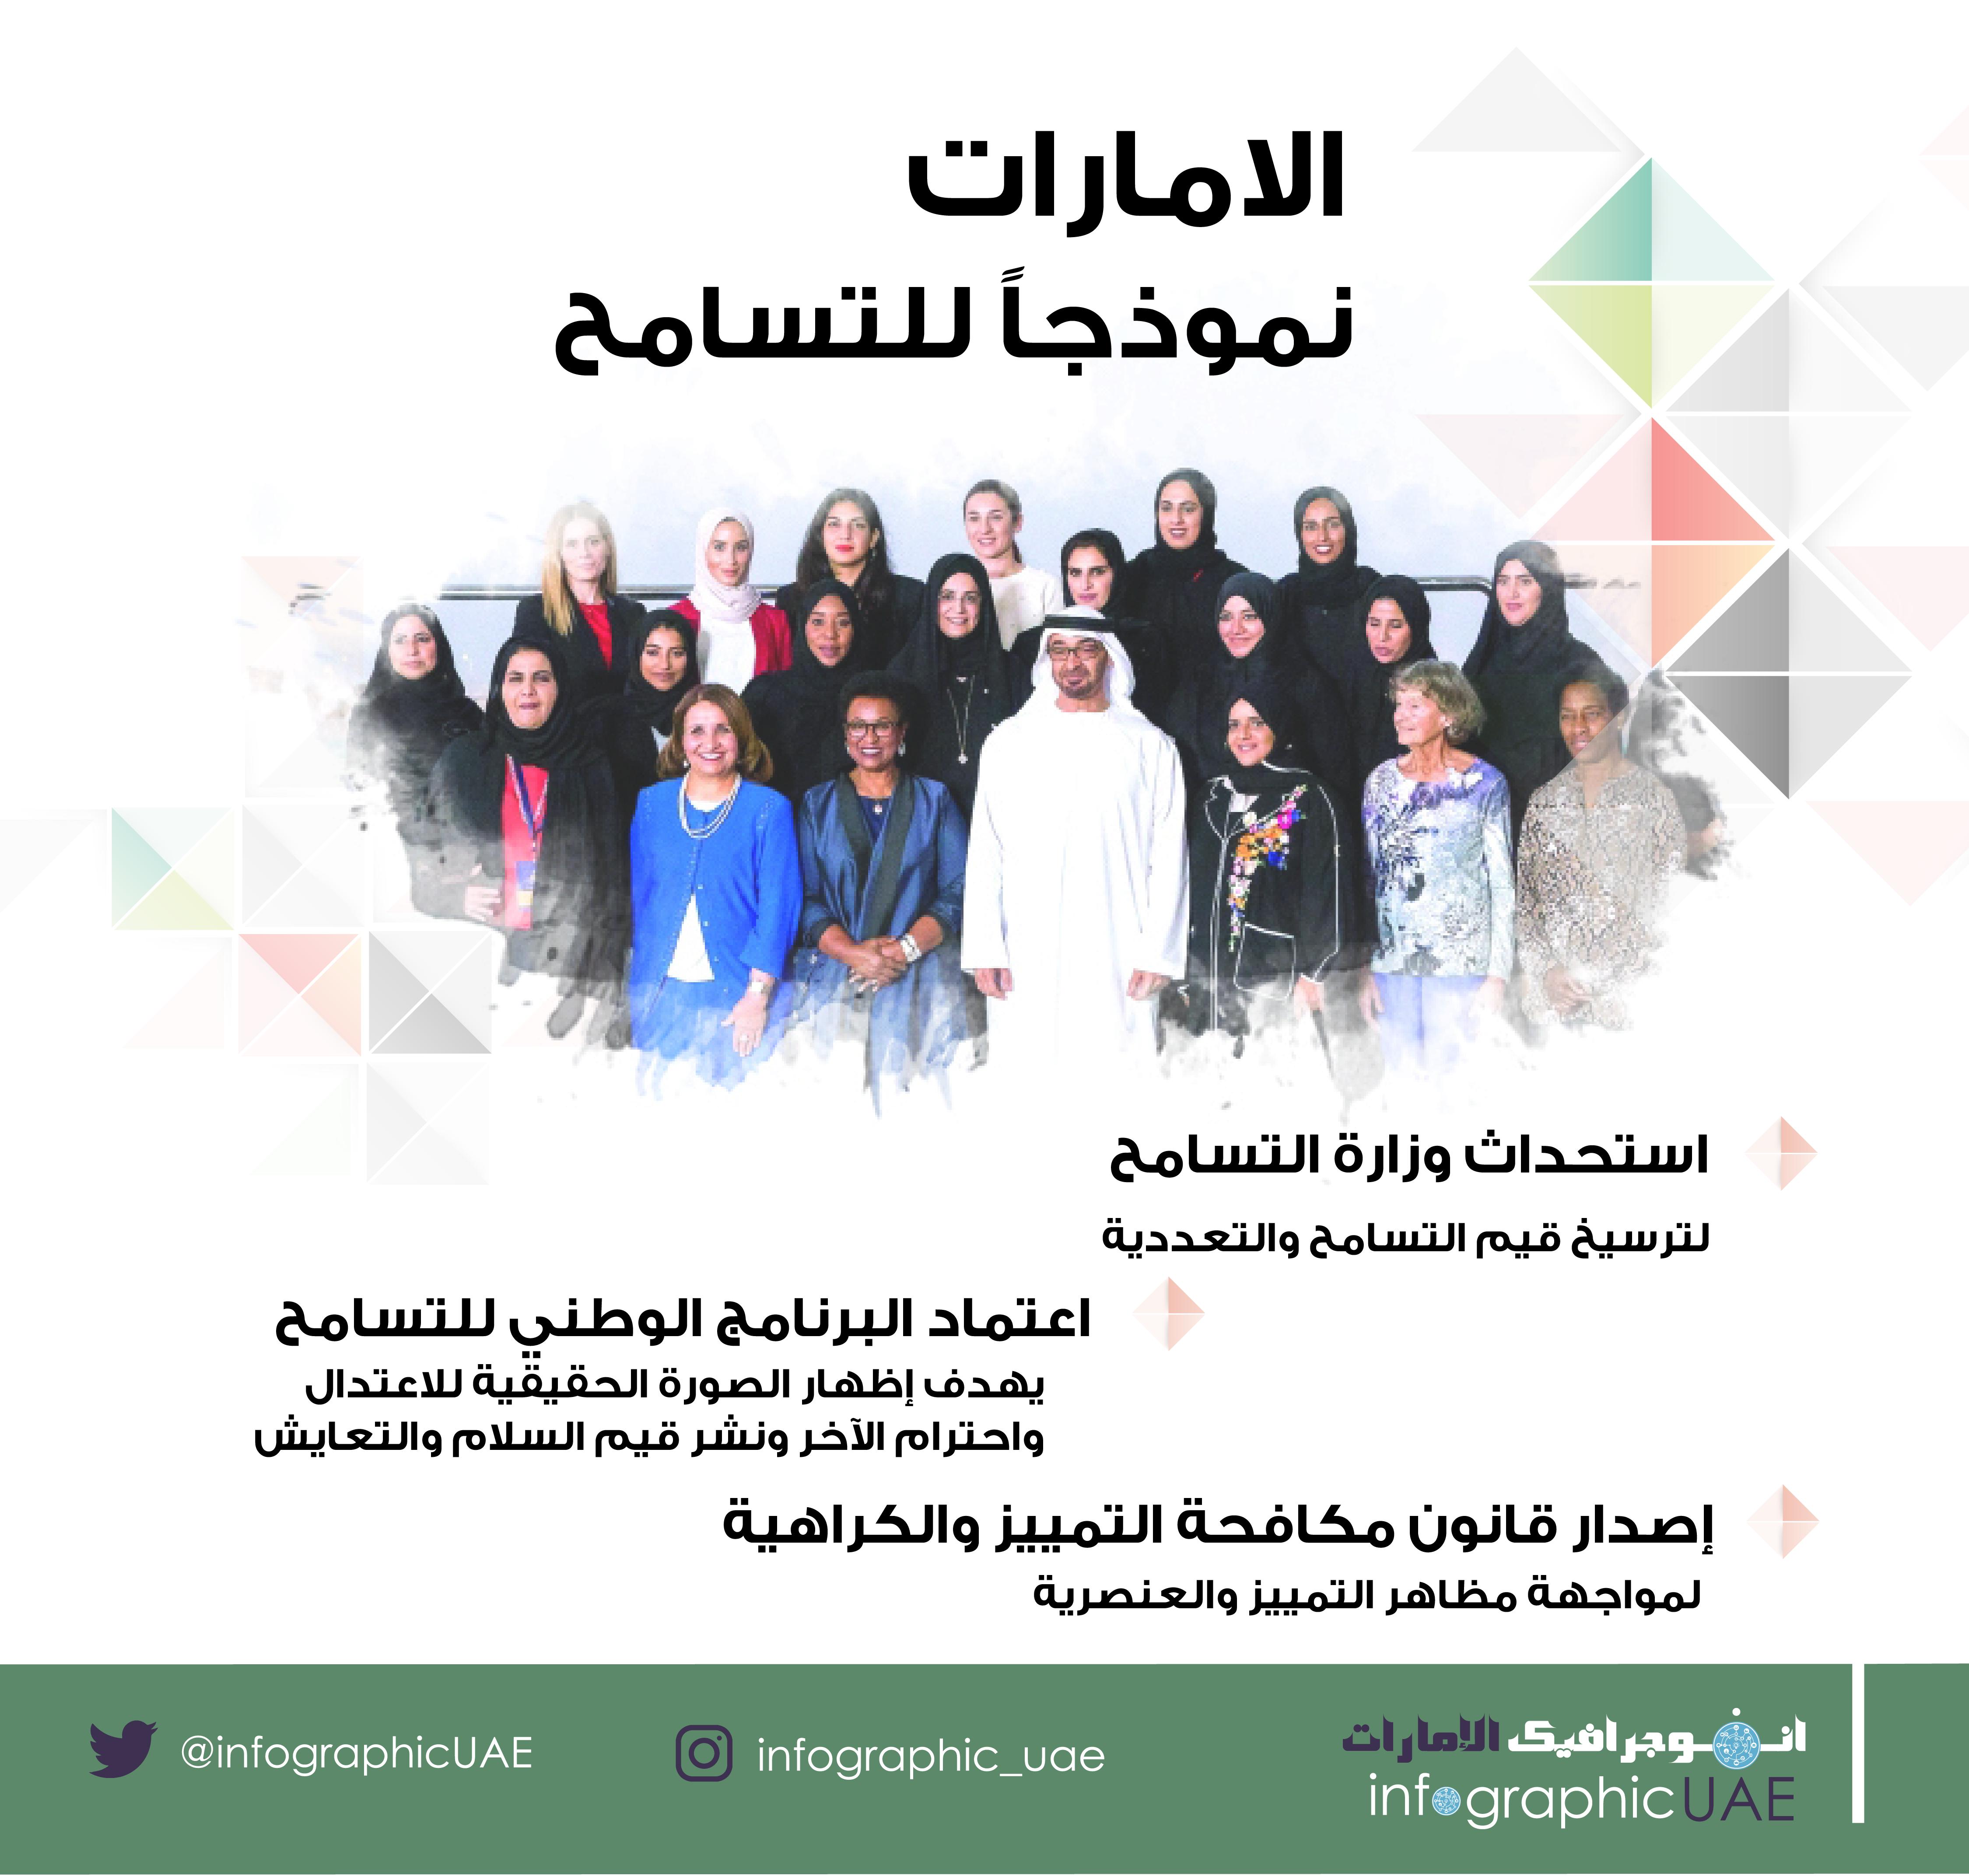 الامارات ابوظبي وزارة التسامح عامزايد Infographic Uae Peace